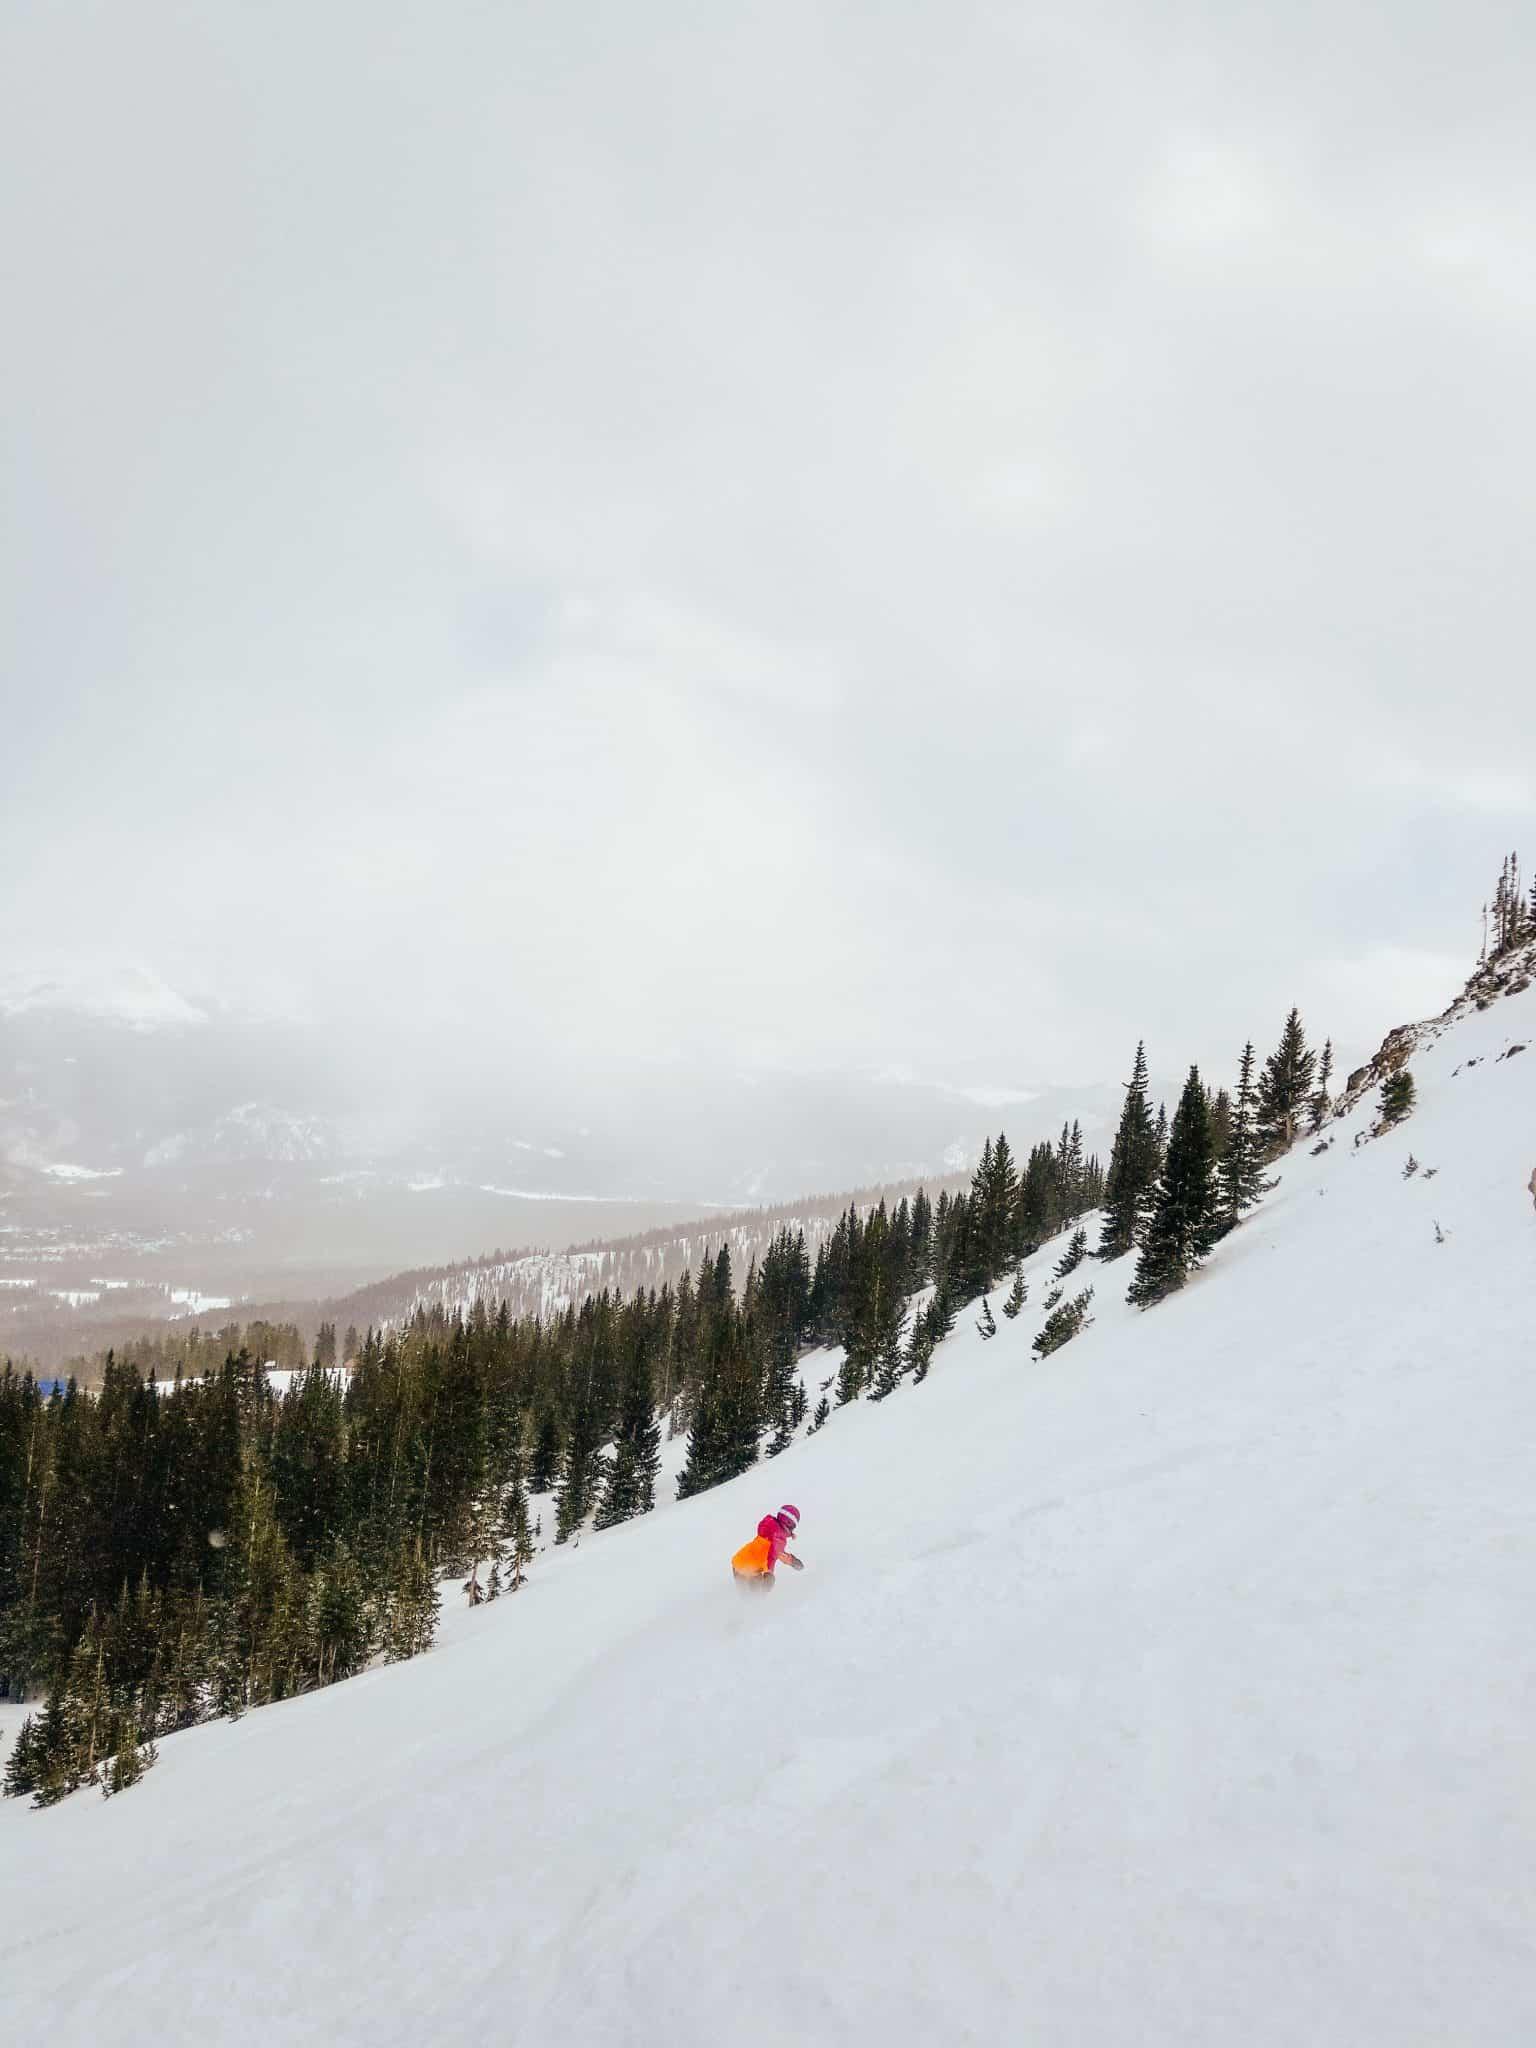 Contest Bowl Breckenridge - Colorado Ski Resorts